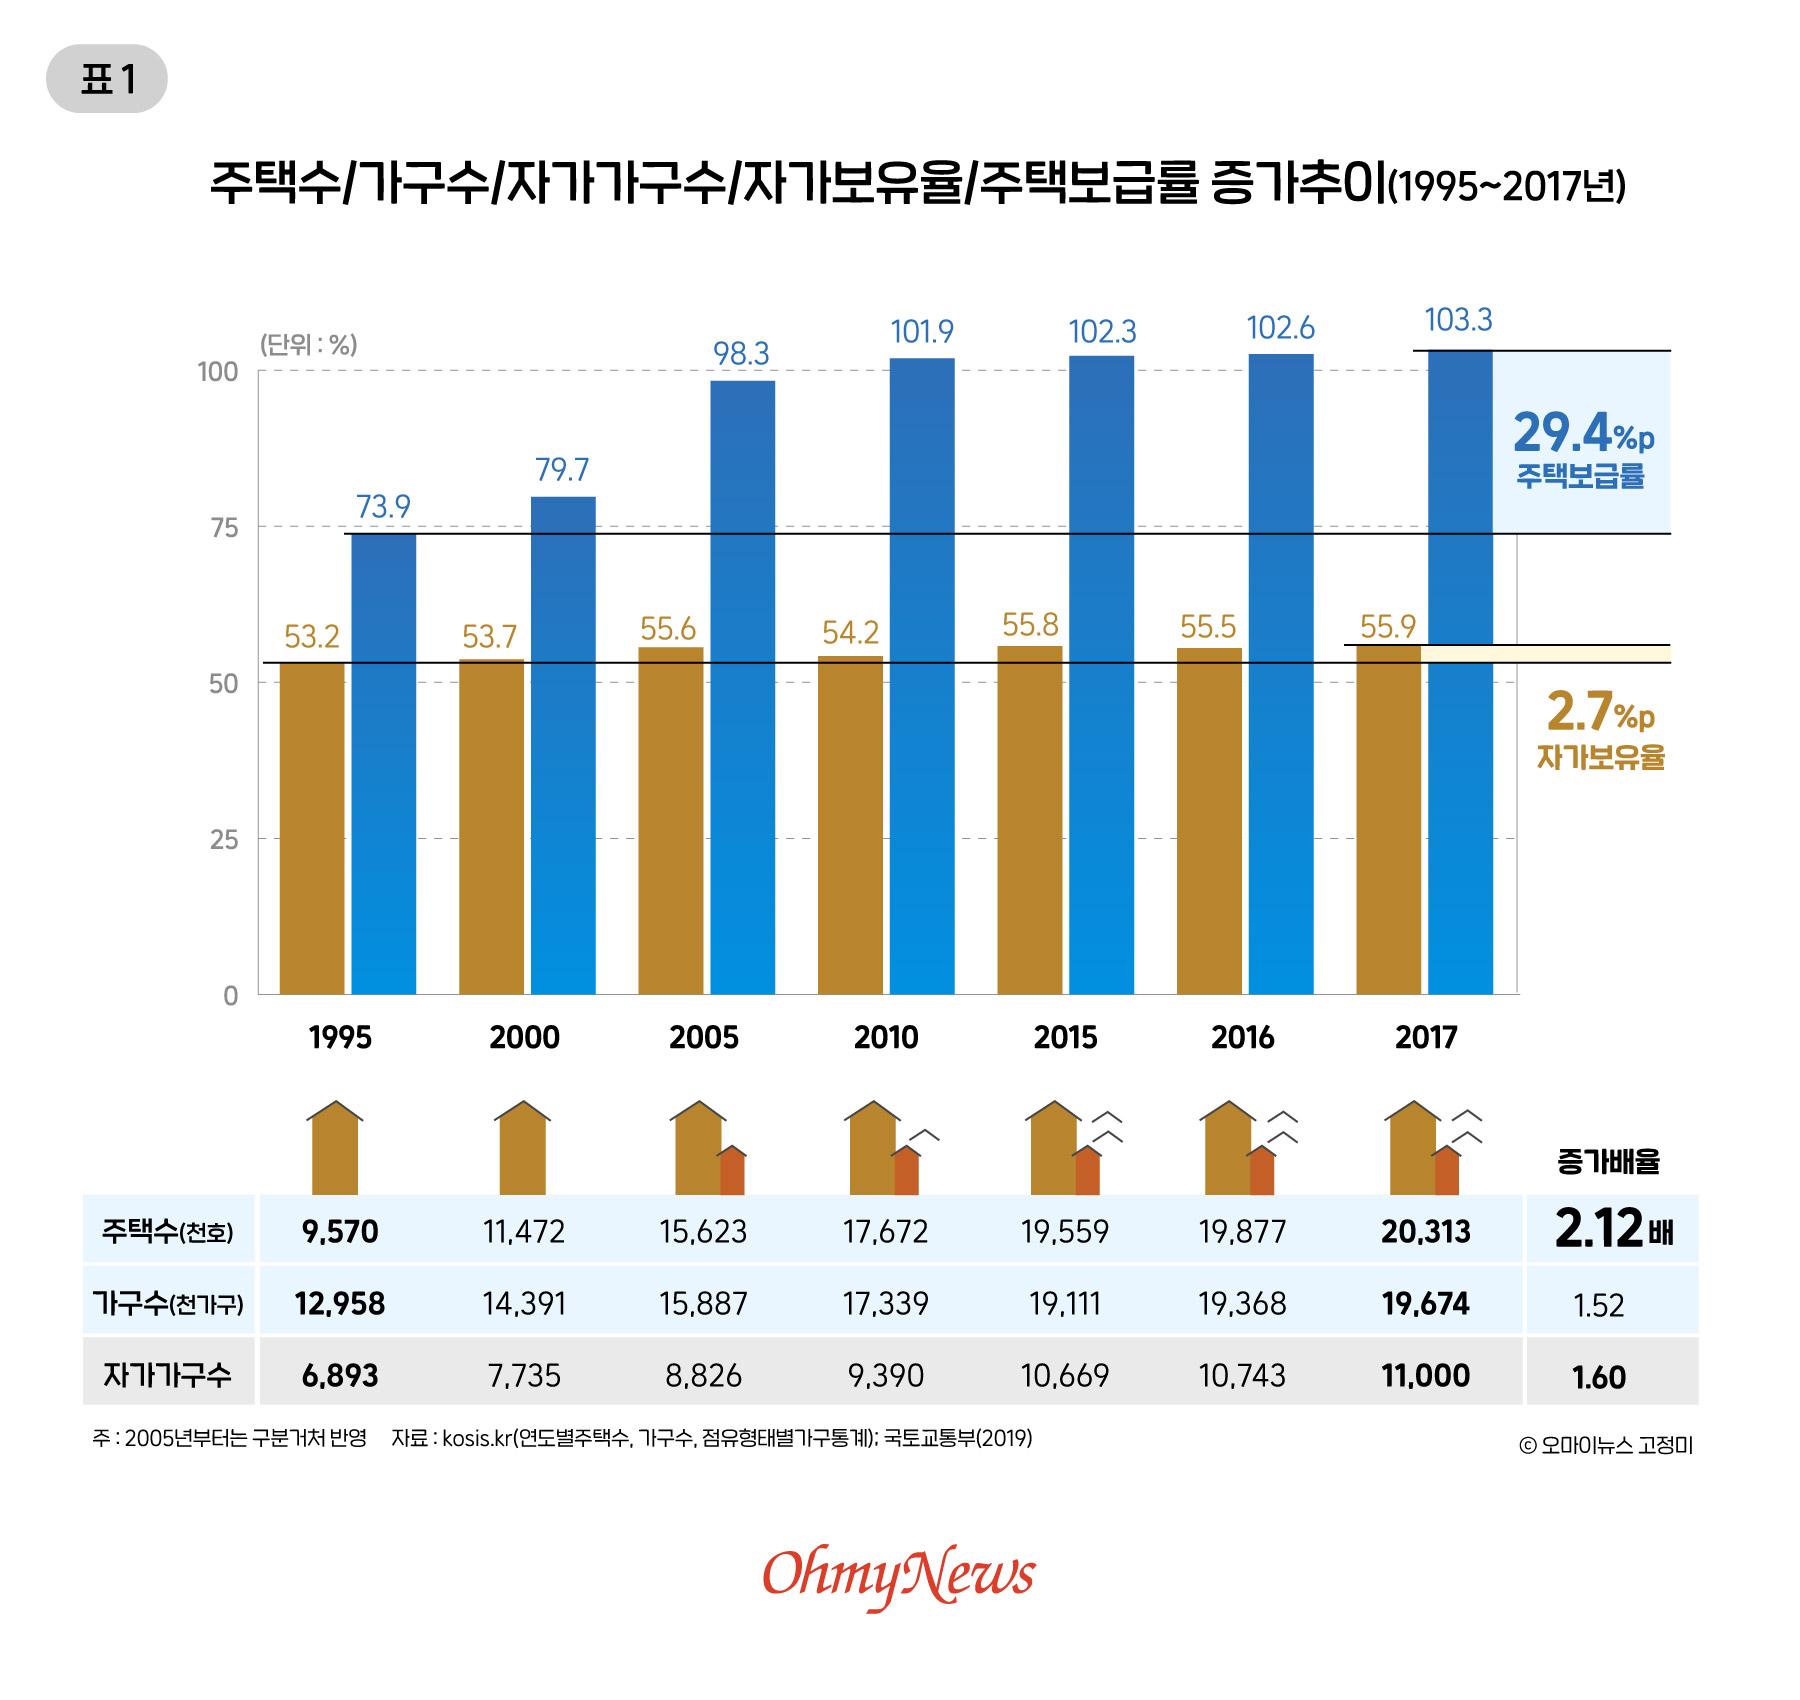 주택수/가구수/자가가구수/자가보유율/주택보급률 증가추이(1995~2017년)